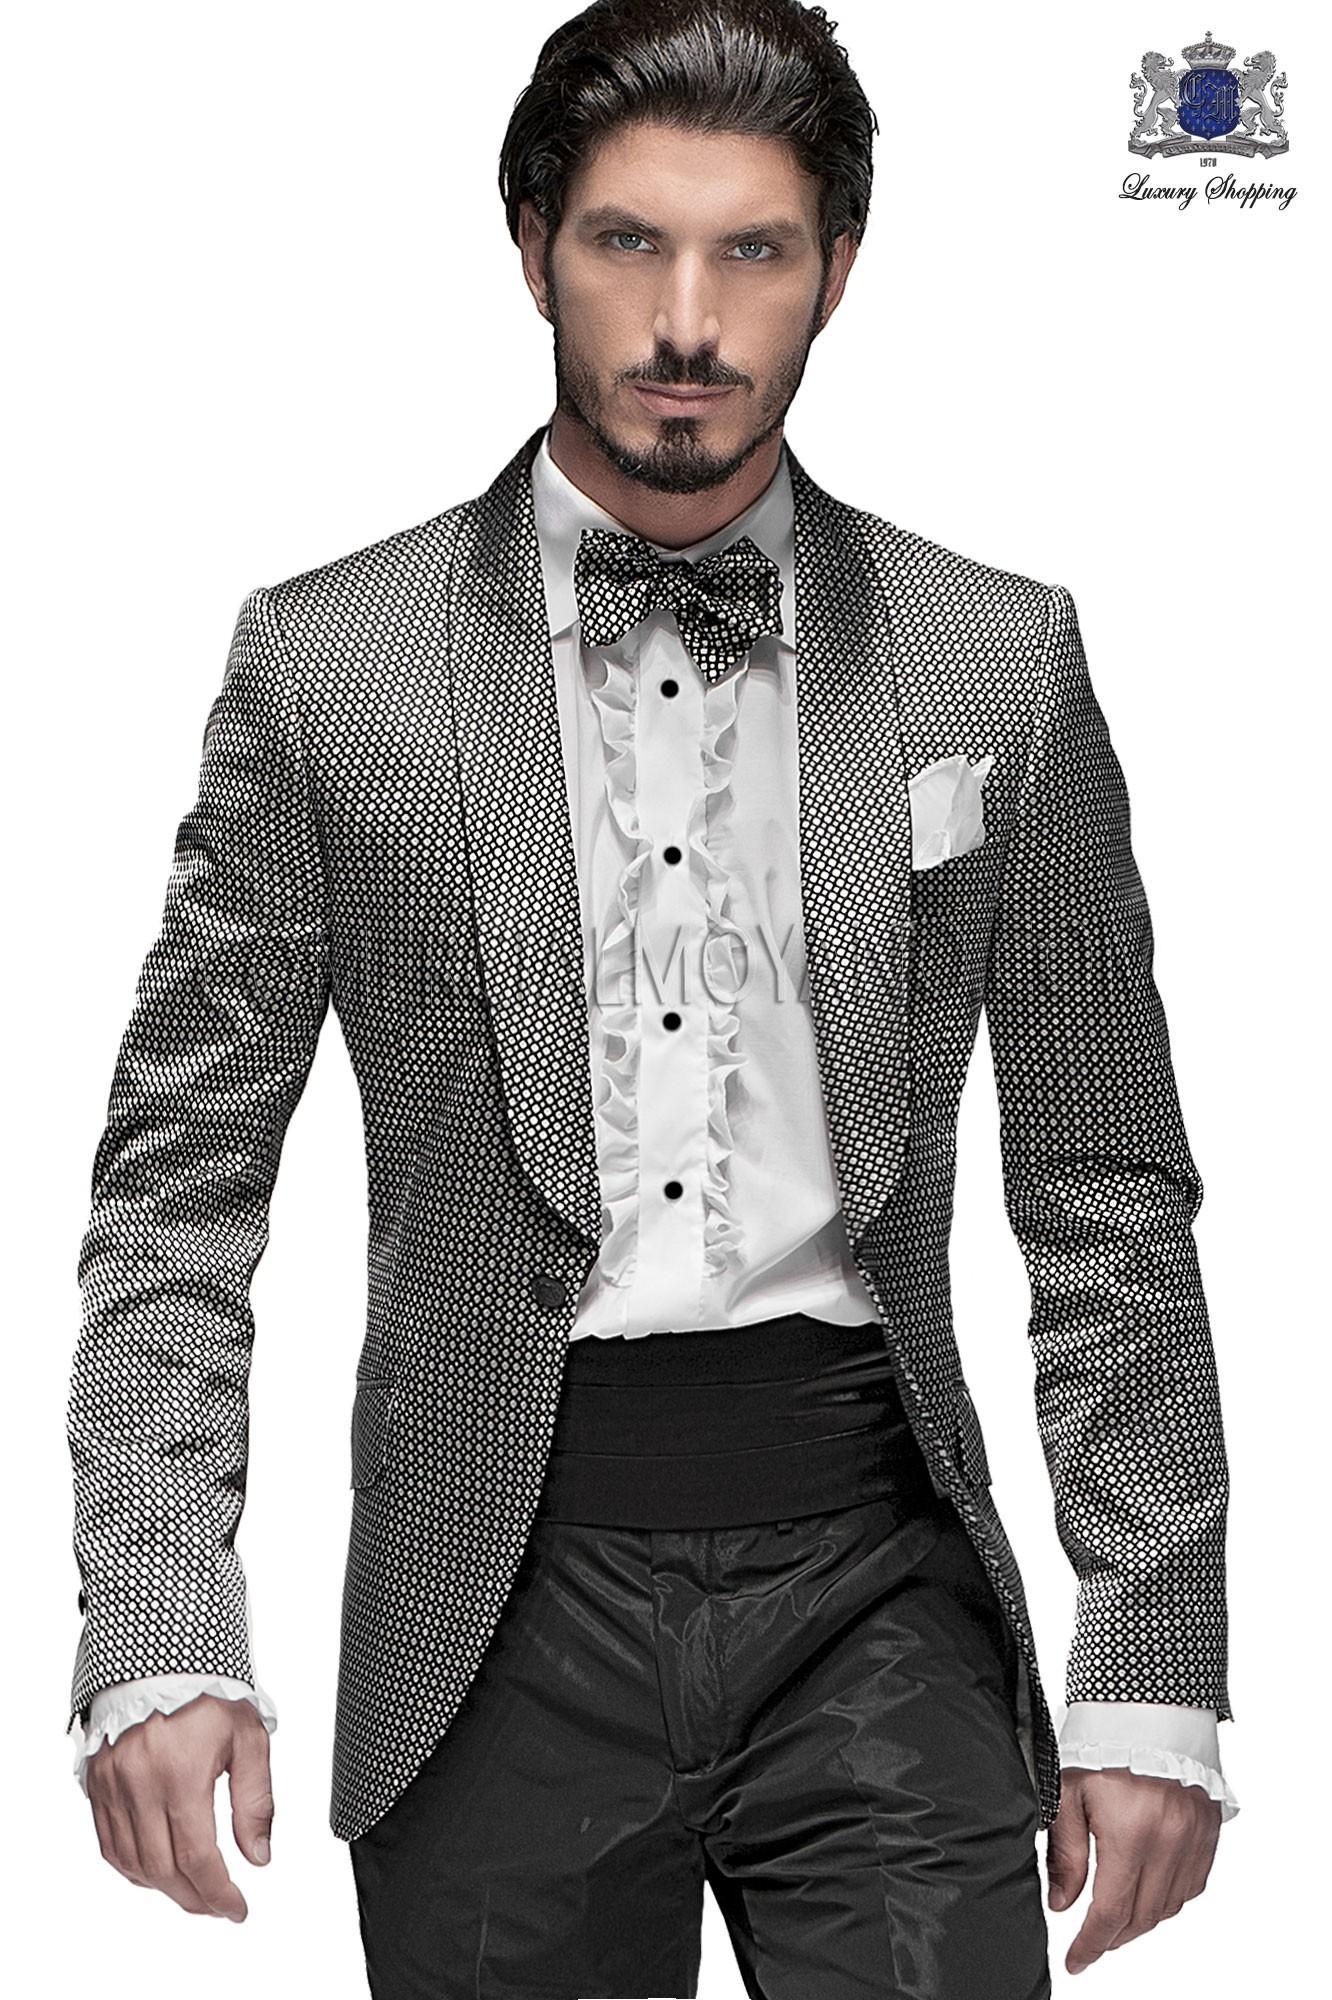 Traje de moda hombre negro/plata modelo: 60963 Ottavio Nuccio Gala colección Emotion